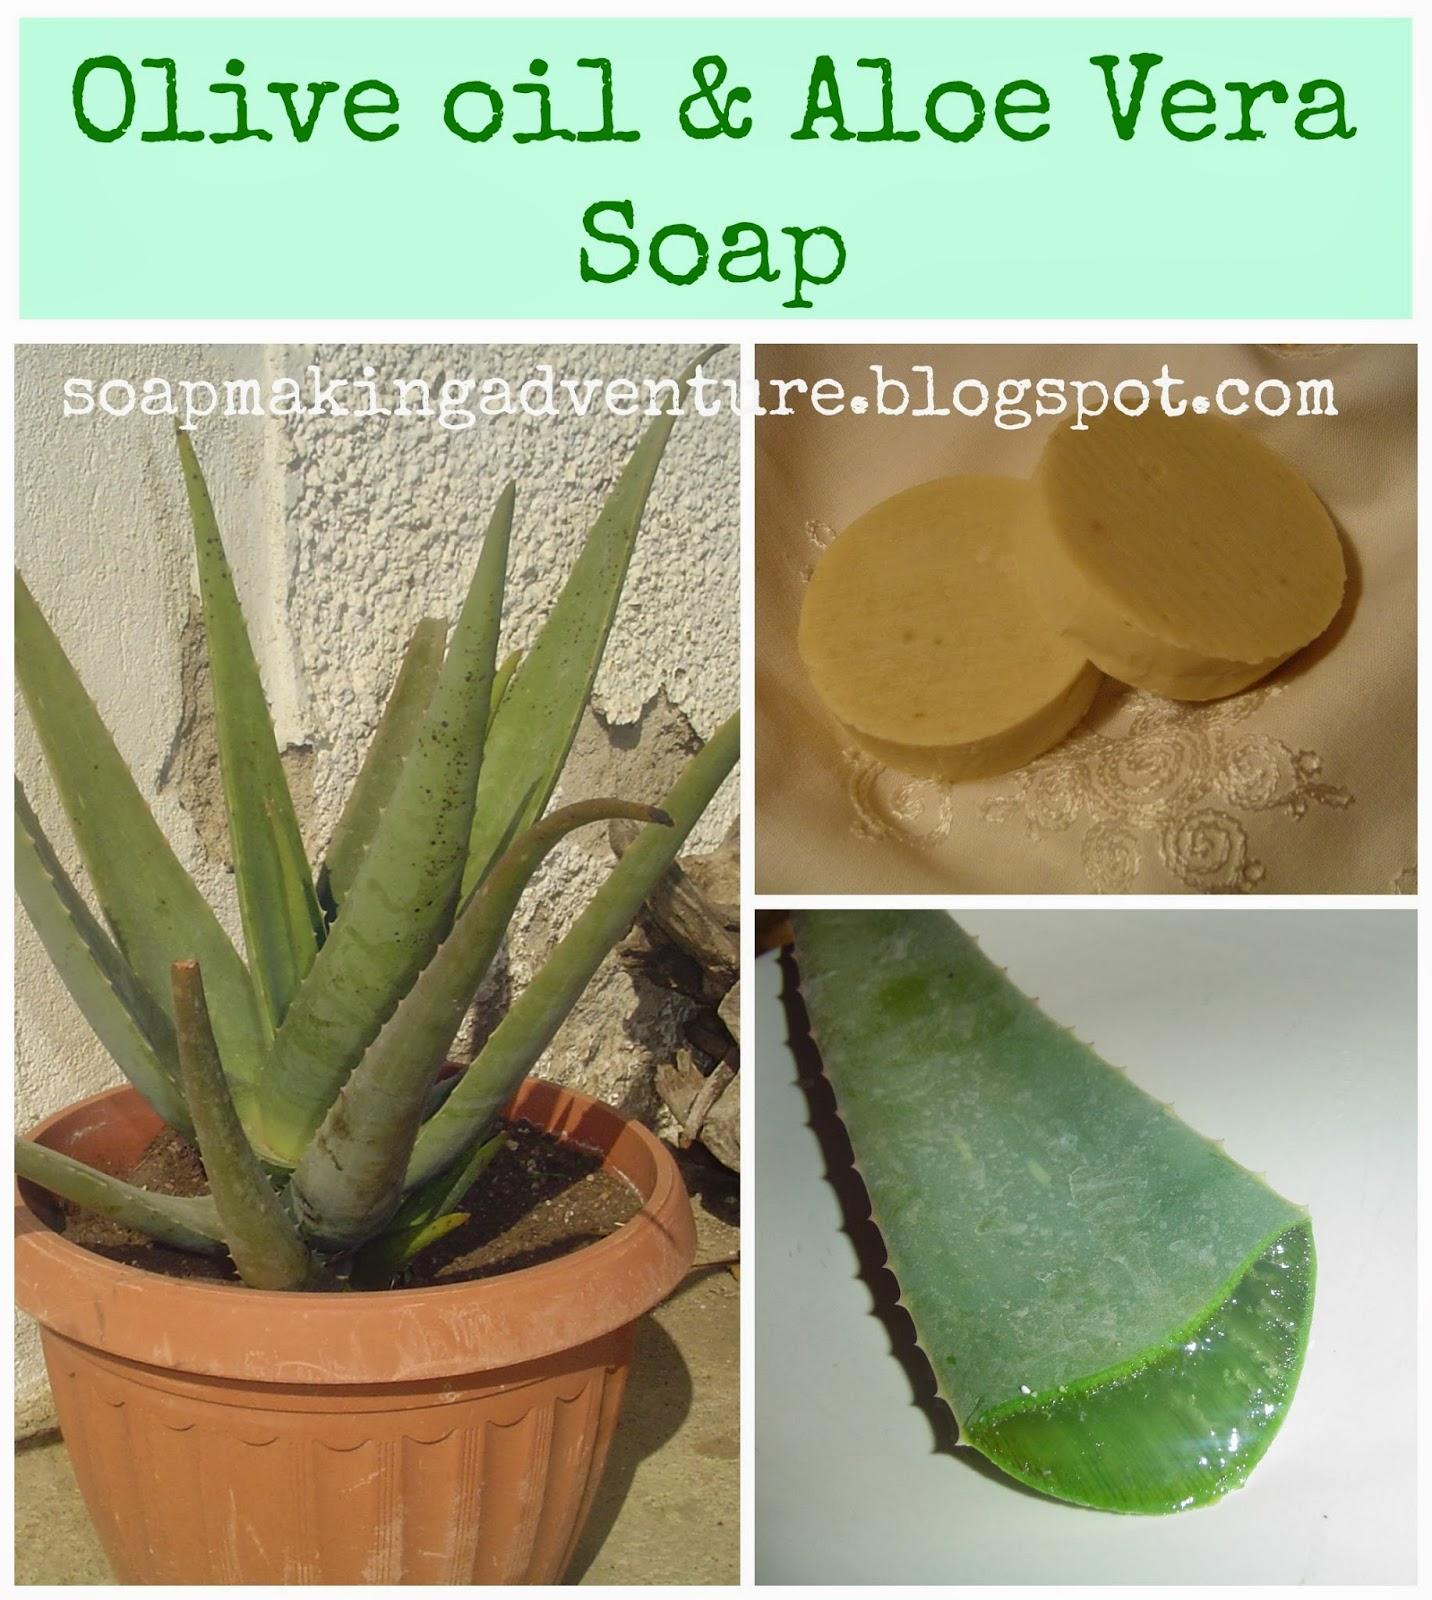 Soap Making Adventure Olive Oil Aloe Vera Soap